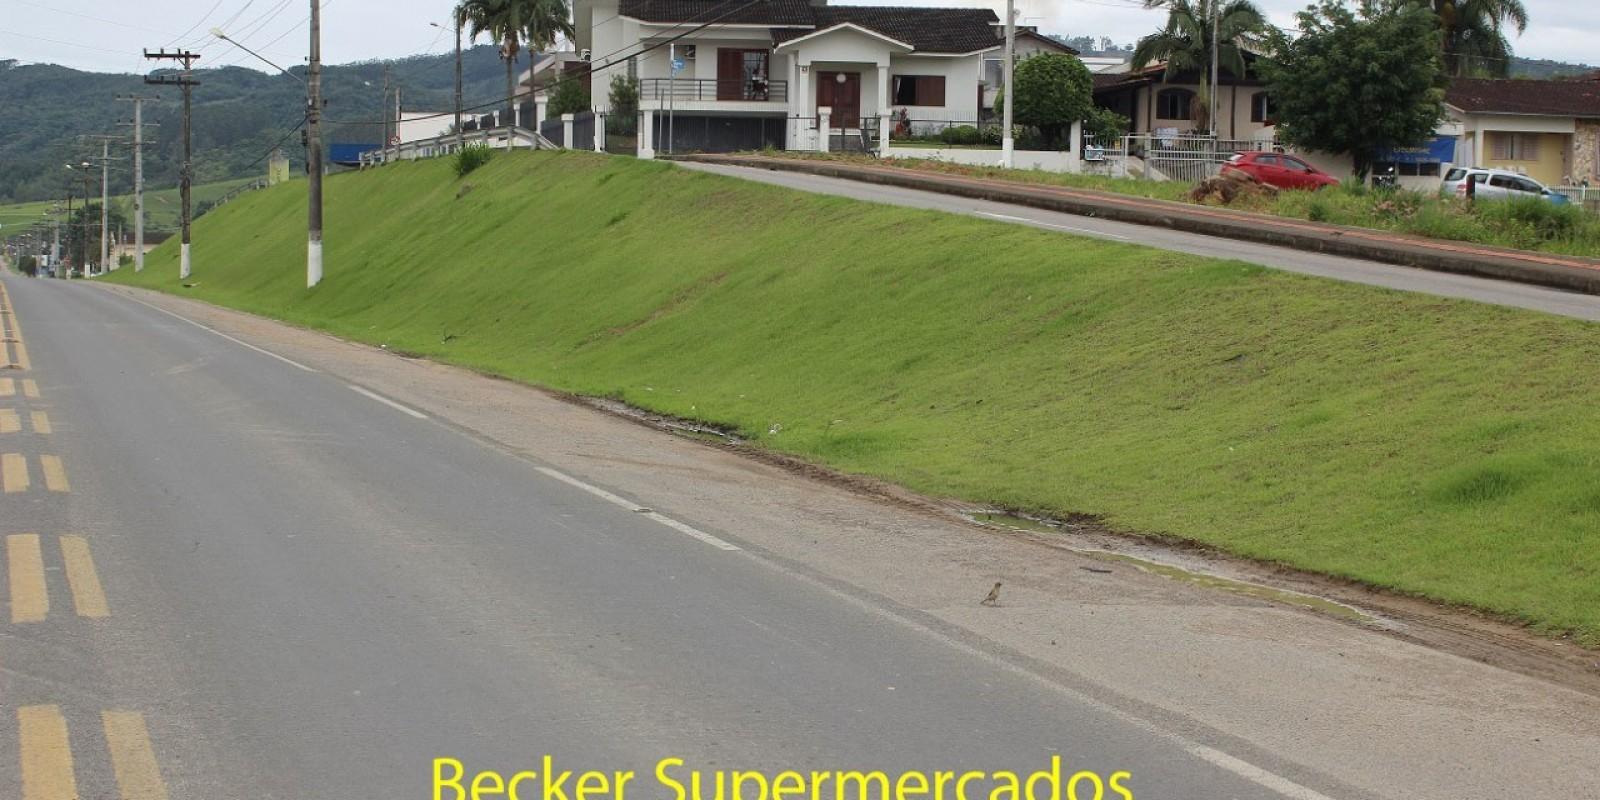 """Becker Supermercados, Plastlife, Rotary Club e Edplast Descartáveis adotarão legalmente áreas públicas em São Ludgero através do programa """"Adote um Espaço"""""""